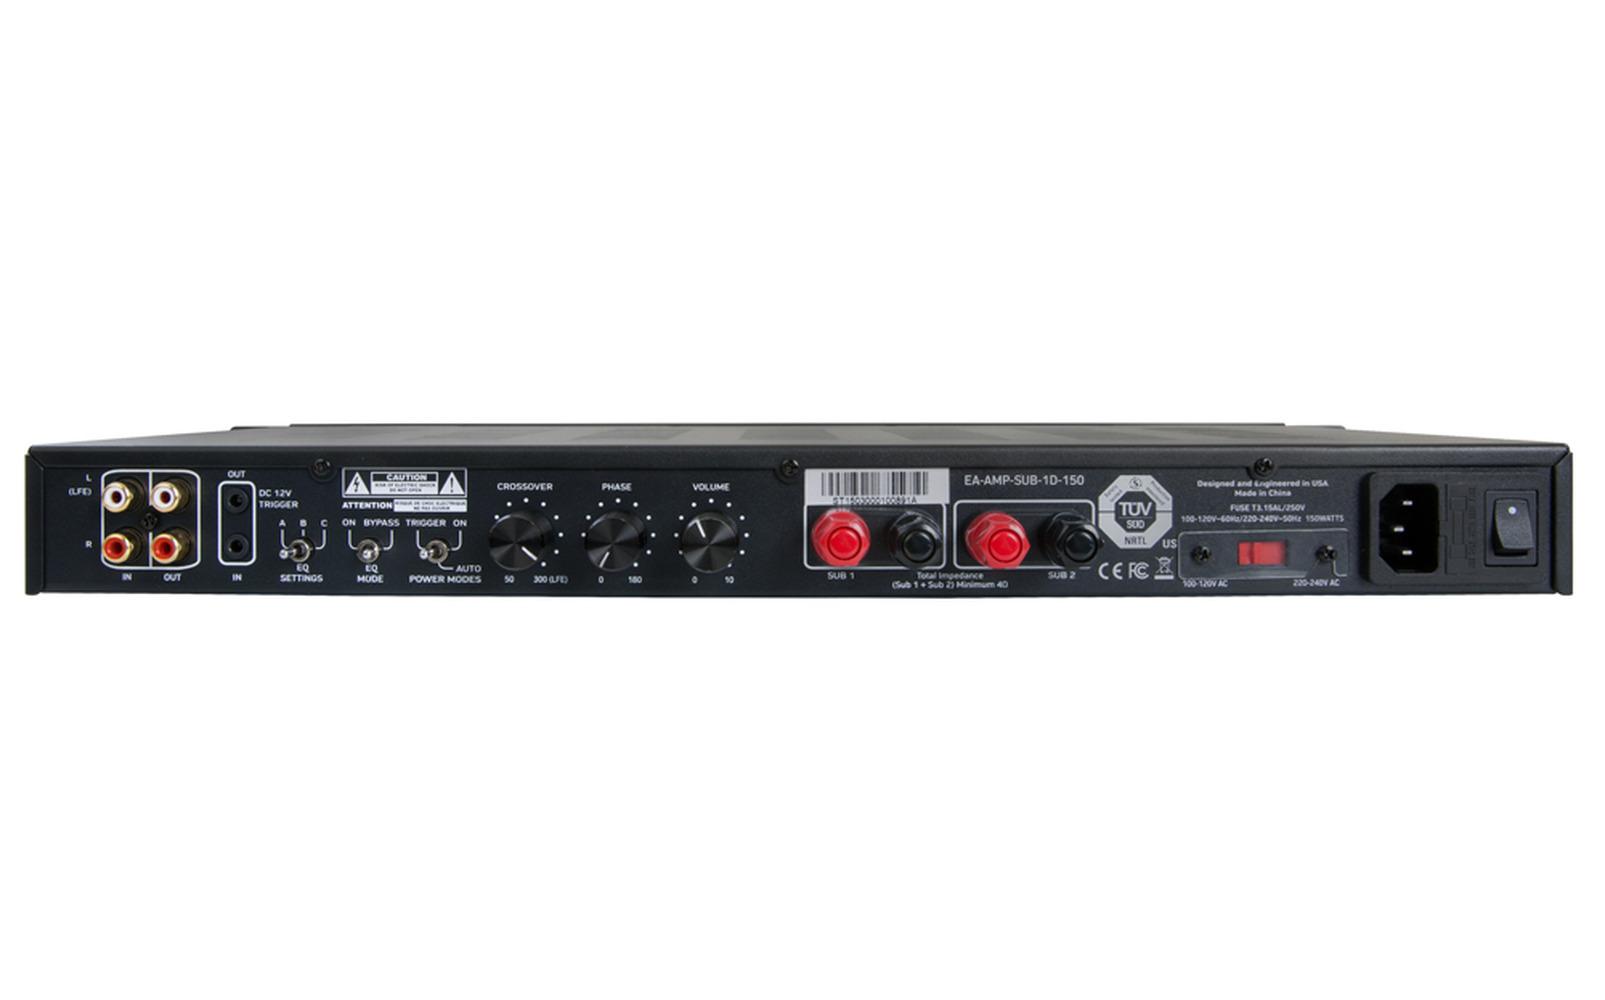 Beverly Hills subwoofer amplifier - 150w with 12v trigger item#: ea-amp-sub-1d-150 - digital ...